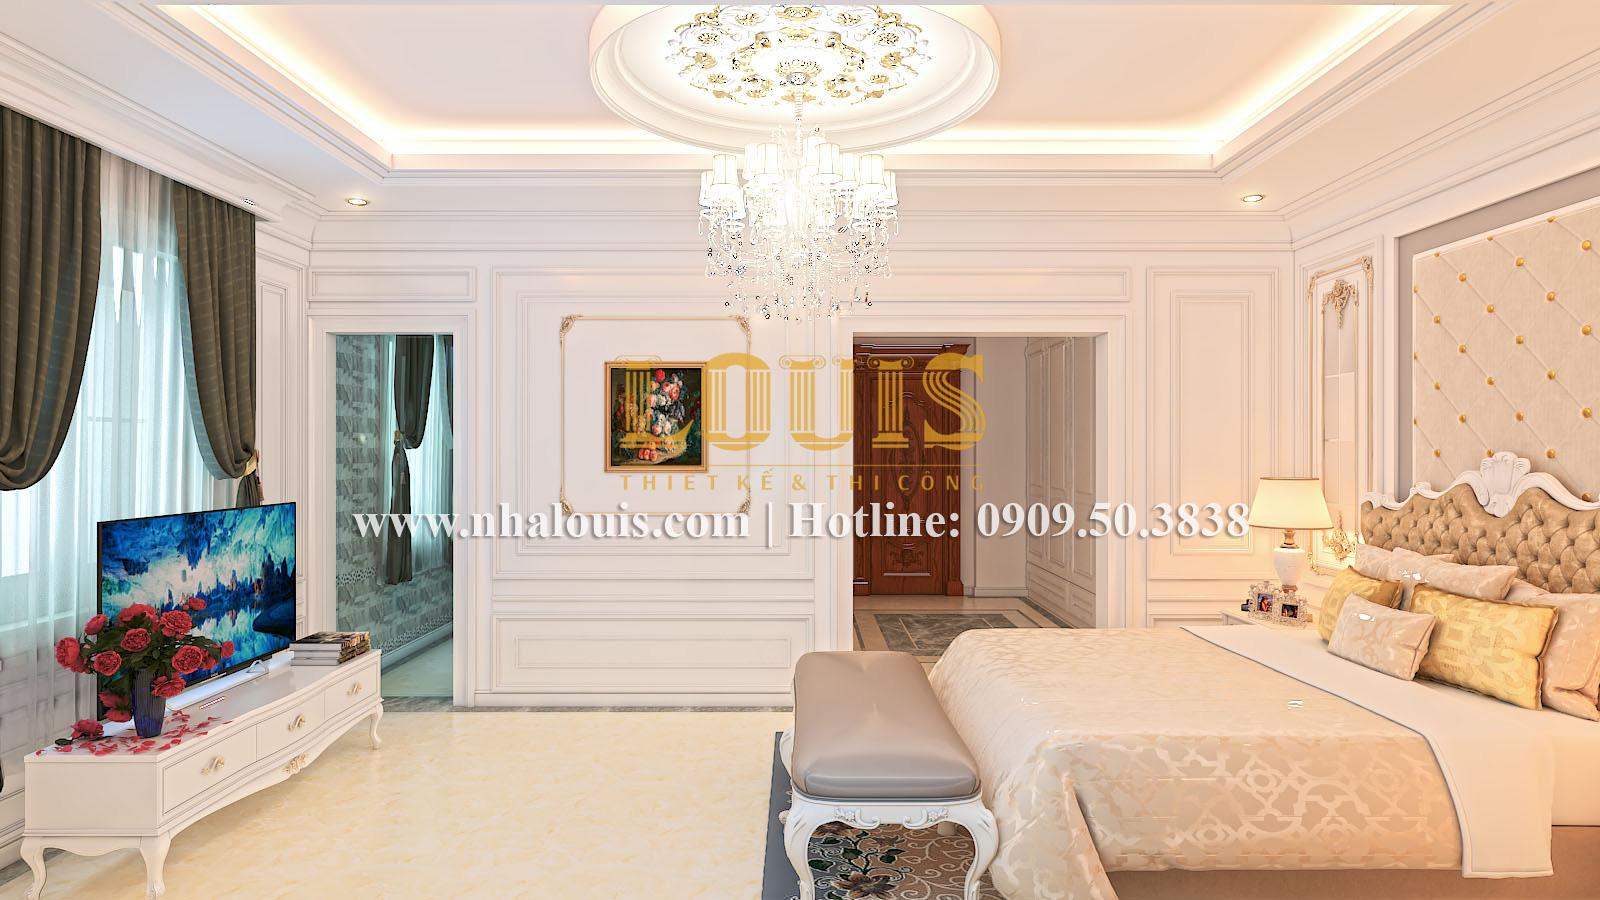 Phòng ngủ Mẫu biệt thự kiến trúc Pháp tại Đồng Nai đẹp hoa lệ - 20